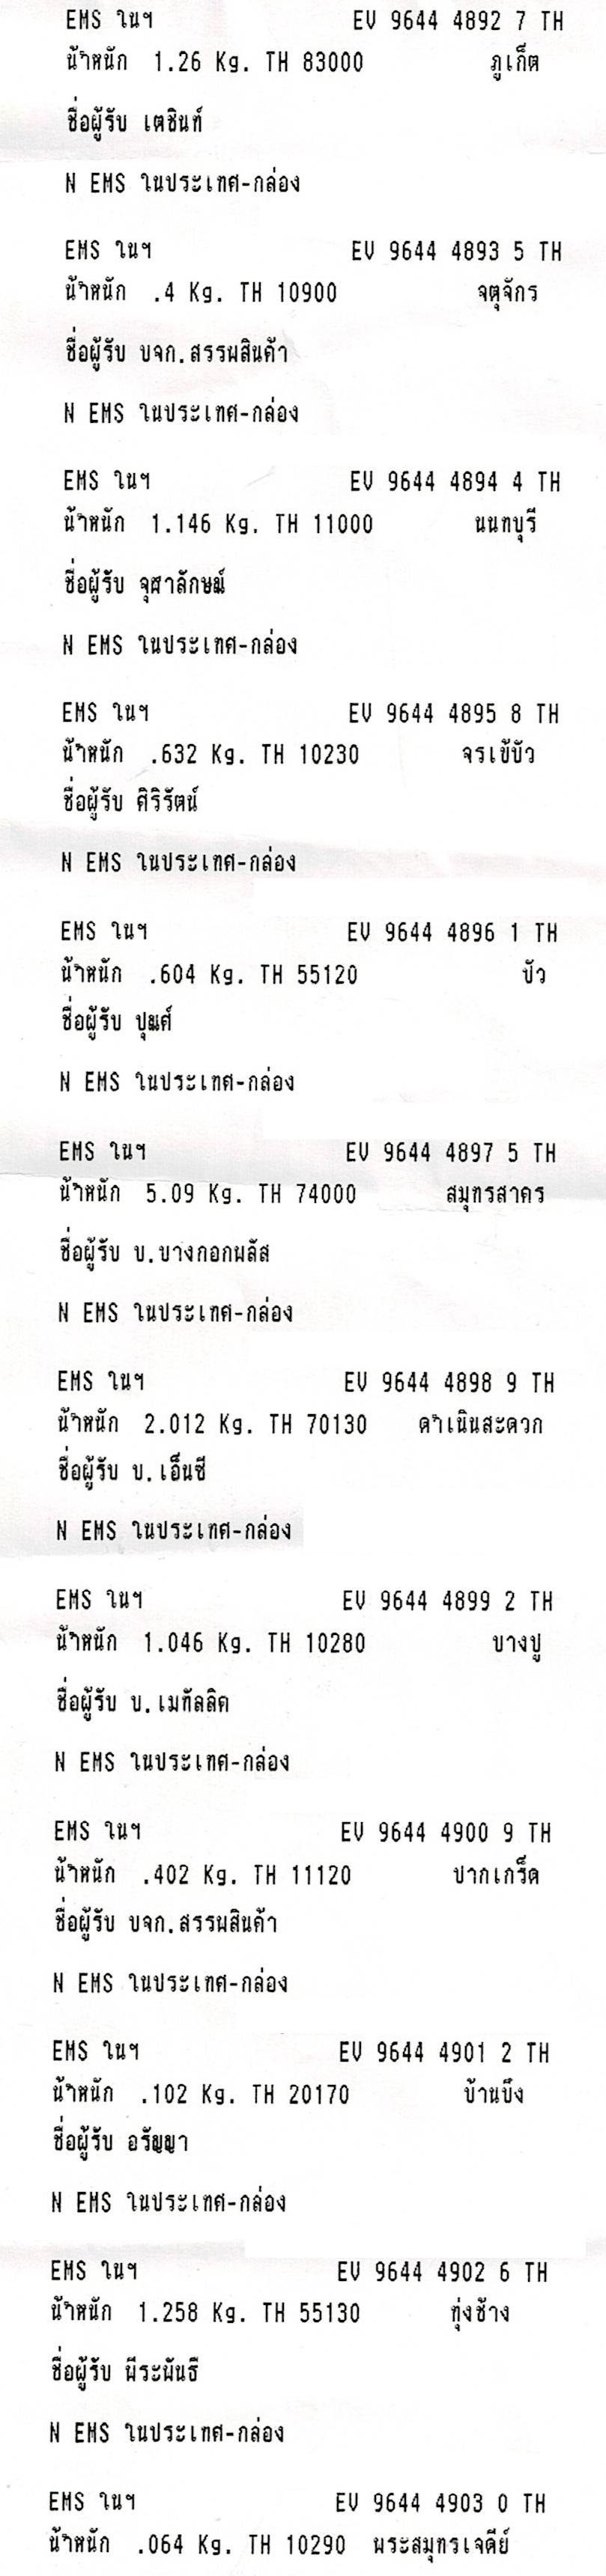 EMS 19.10.61